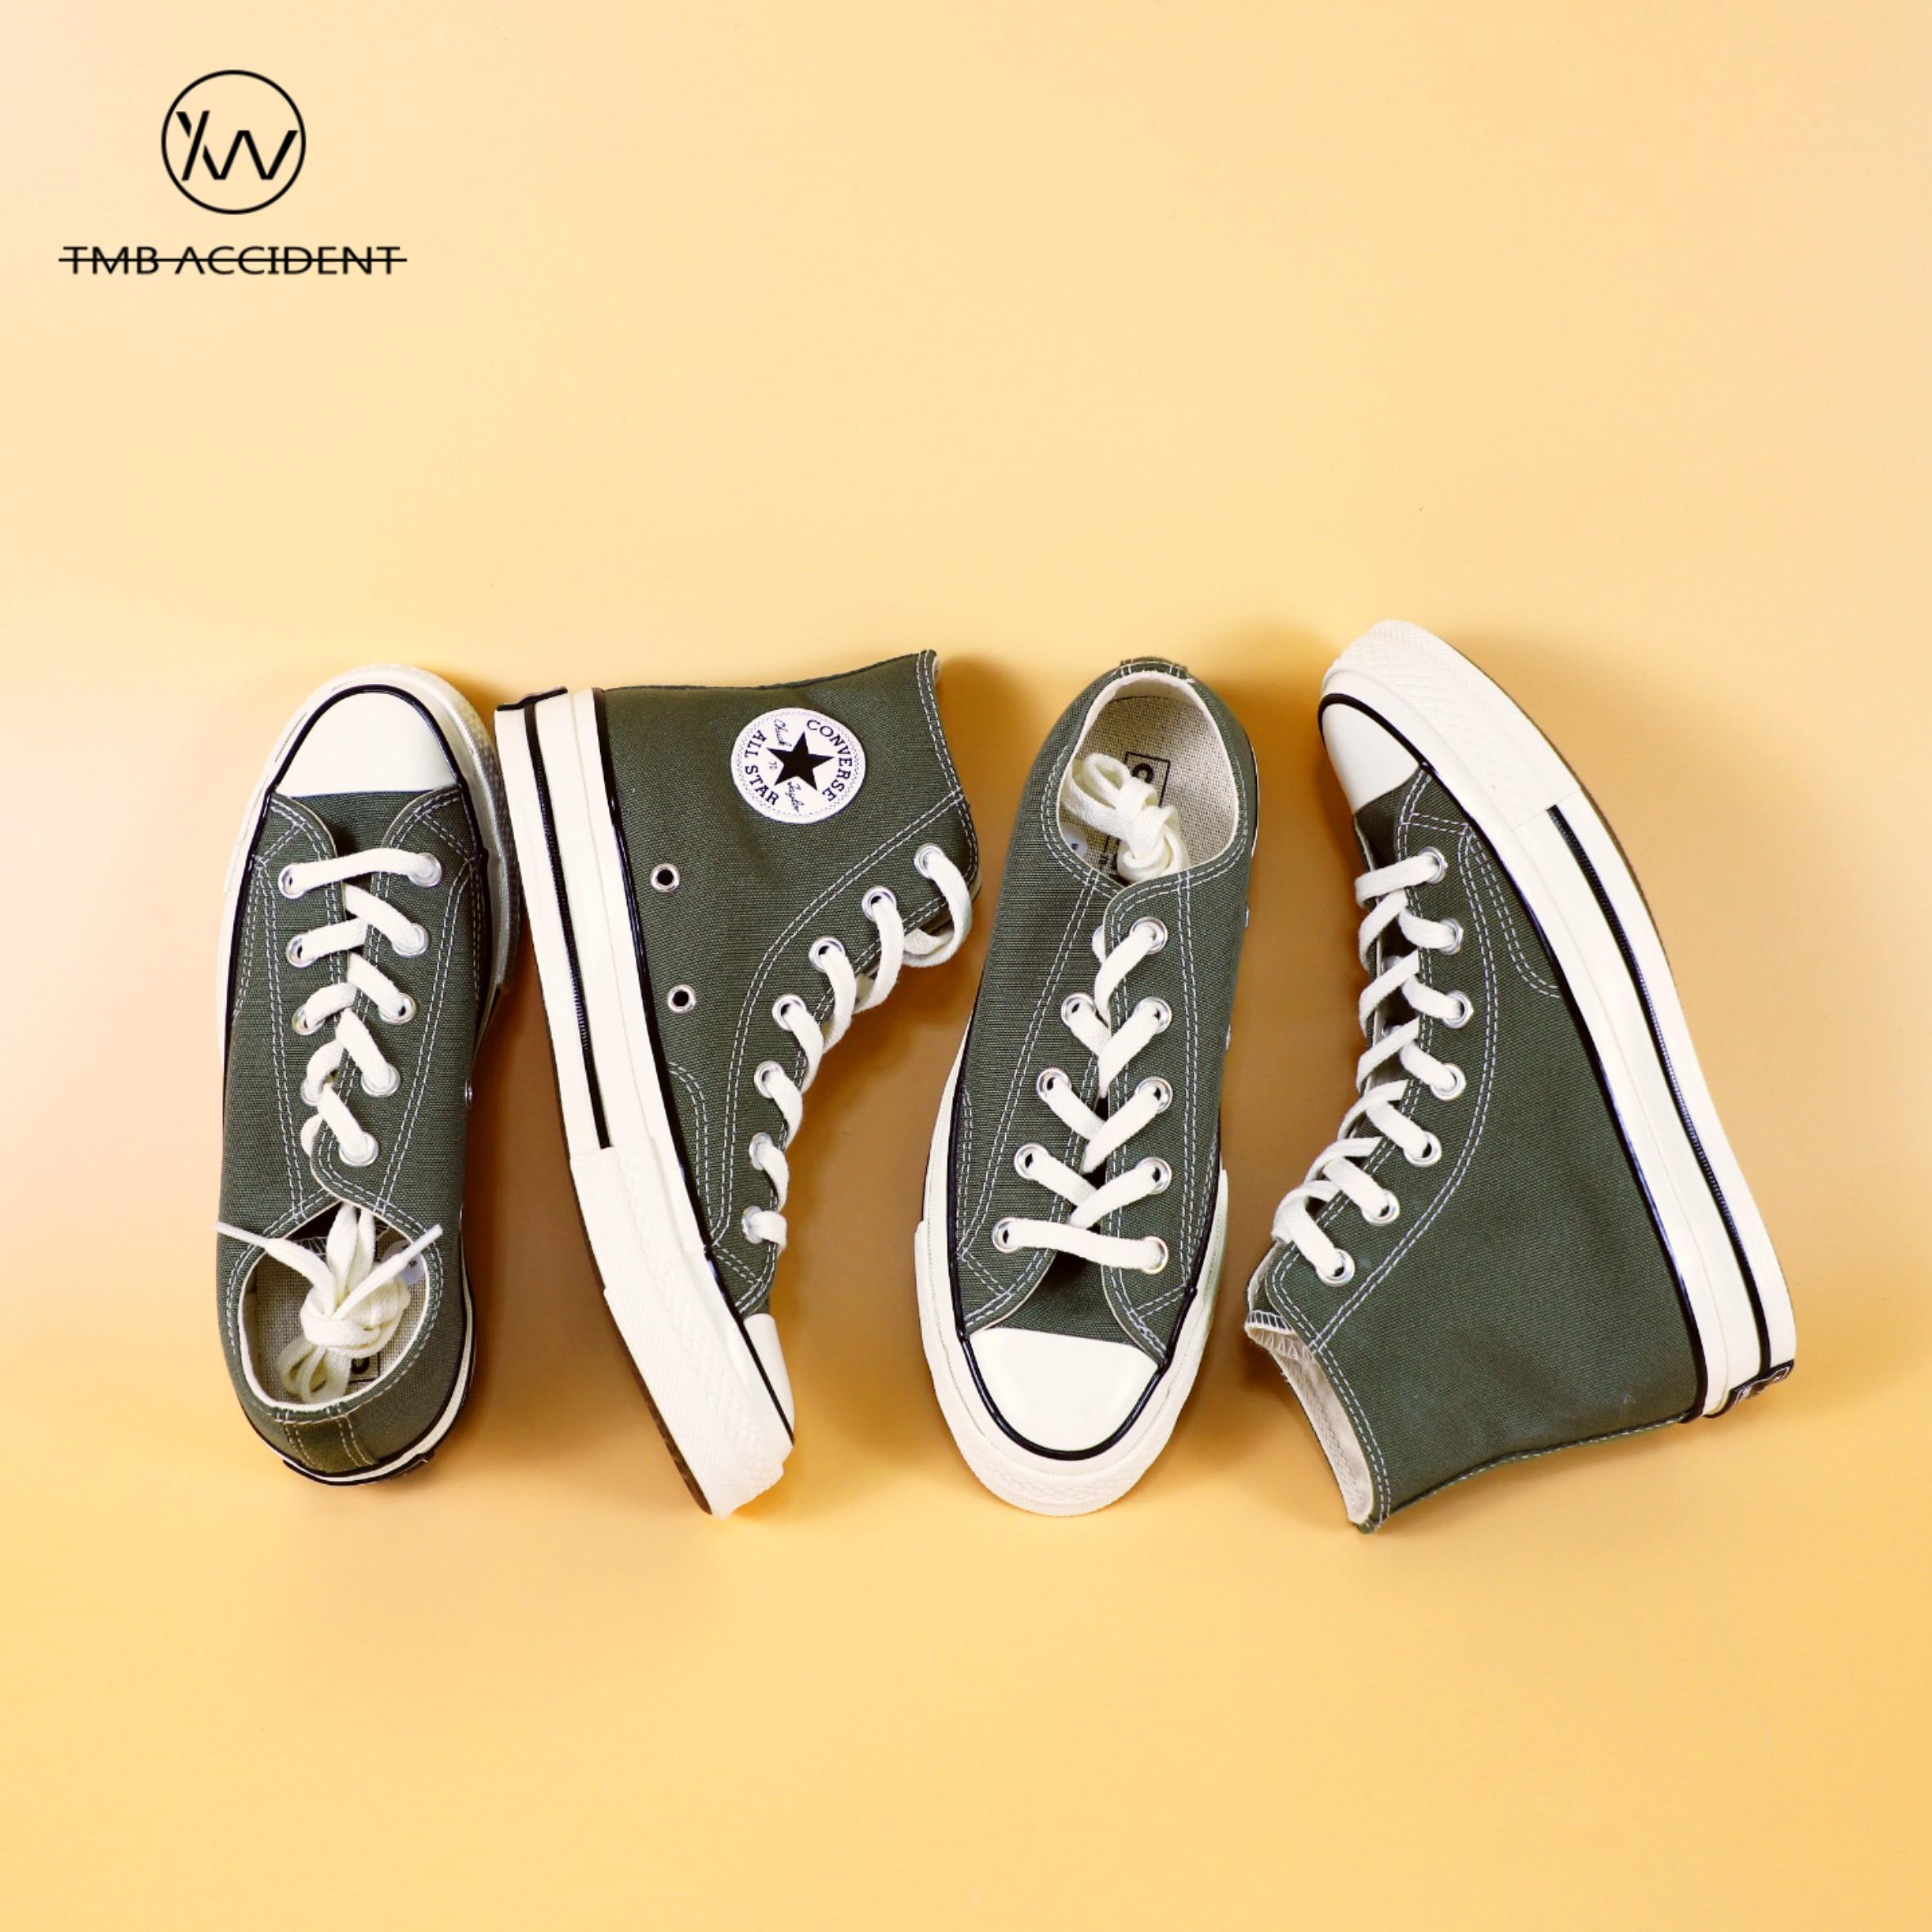 绿色帆布鞋 Converse匡威1970s 草绿色 军绿色高帮低帮帆布鞋162052C 162060C_推荐淘宝好看的绿色帆布鞋